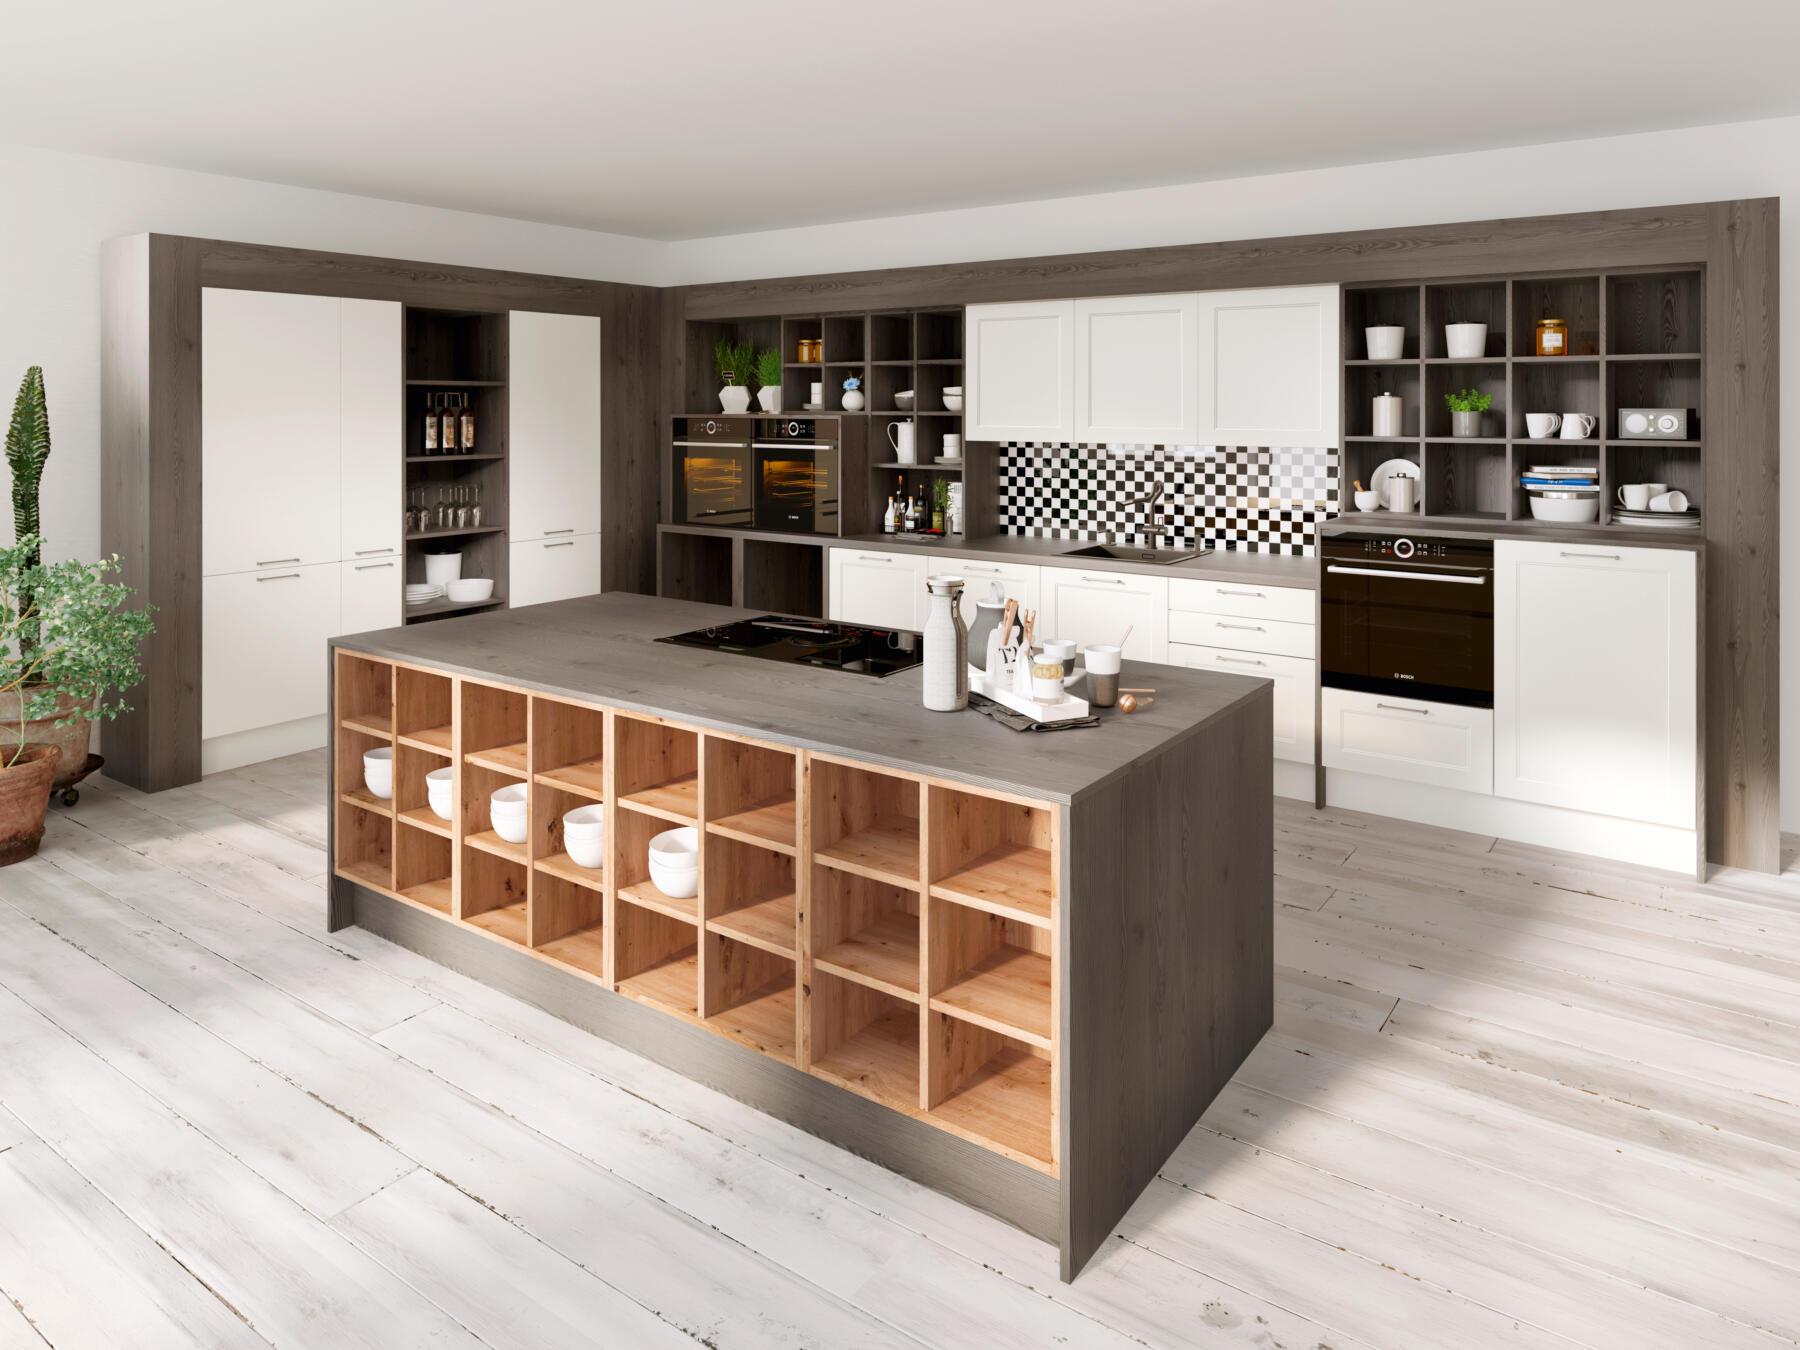 DanKüchen – designed by boria